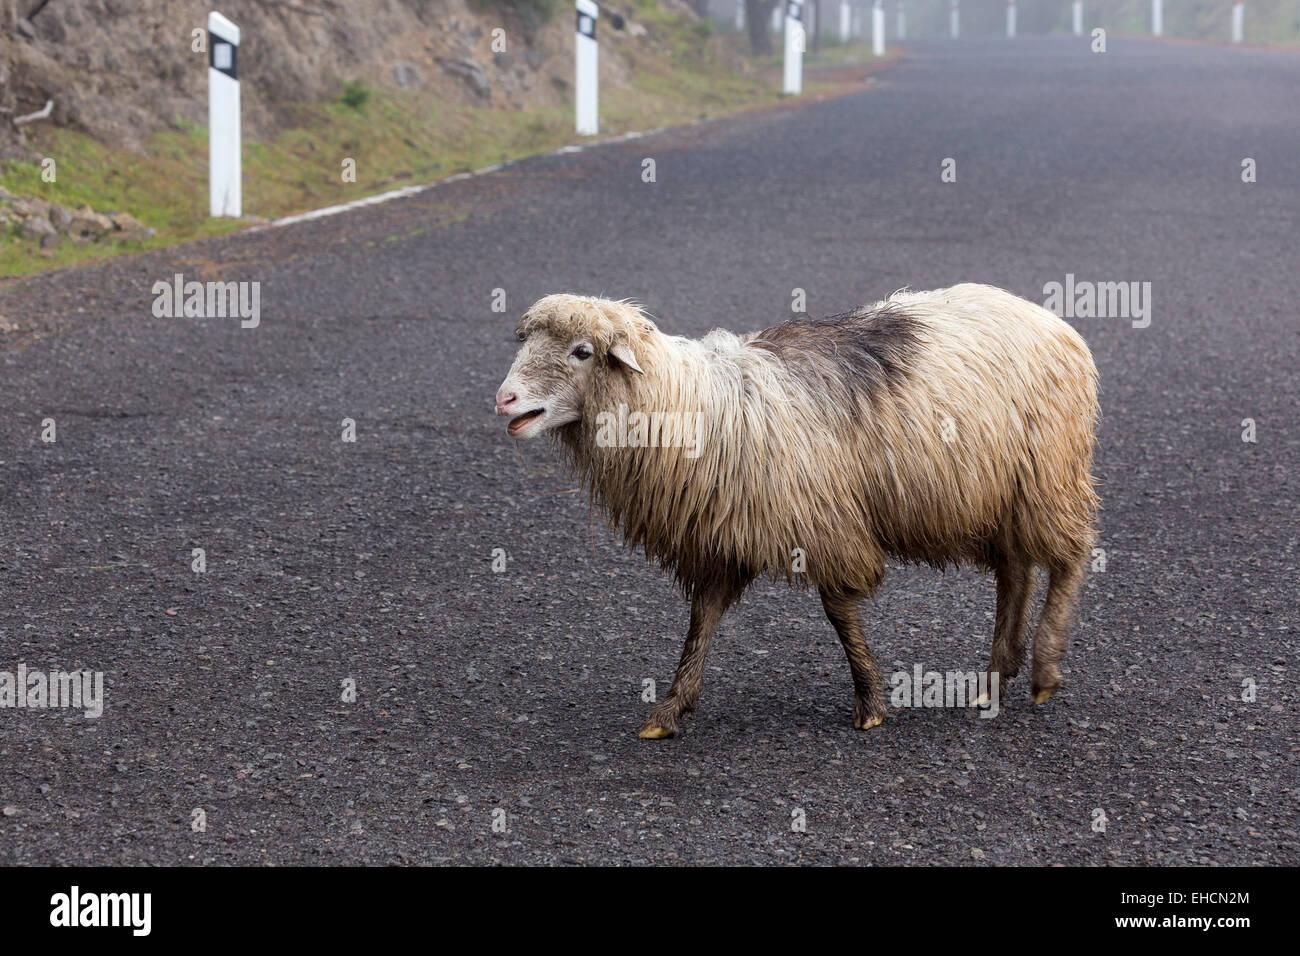 Schafe, die beim Überqueren einer Straße, Gran Canaria, Kanarische Inseln, Spanien Stockfoto